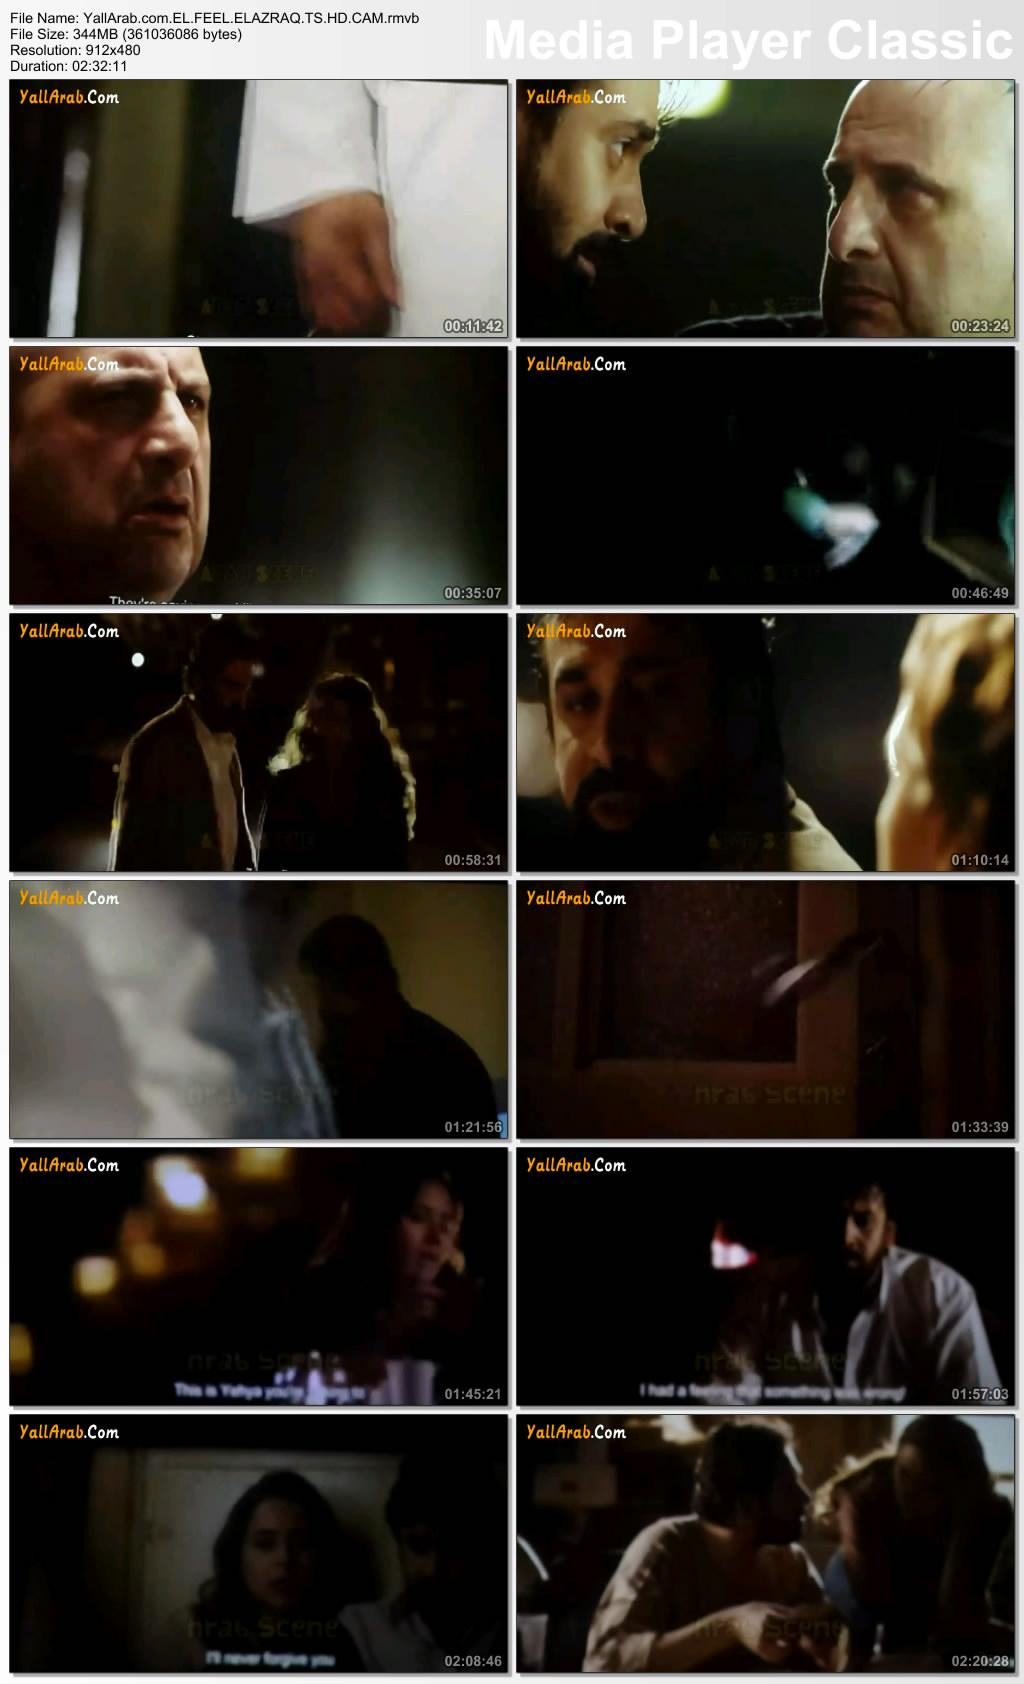 فيلم الفيل_الازرق تحميل فيلم العيد _فيلم الفيل الازرق CAM Thumbs20140821233824